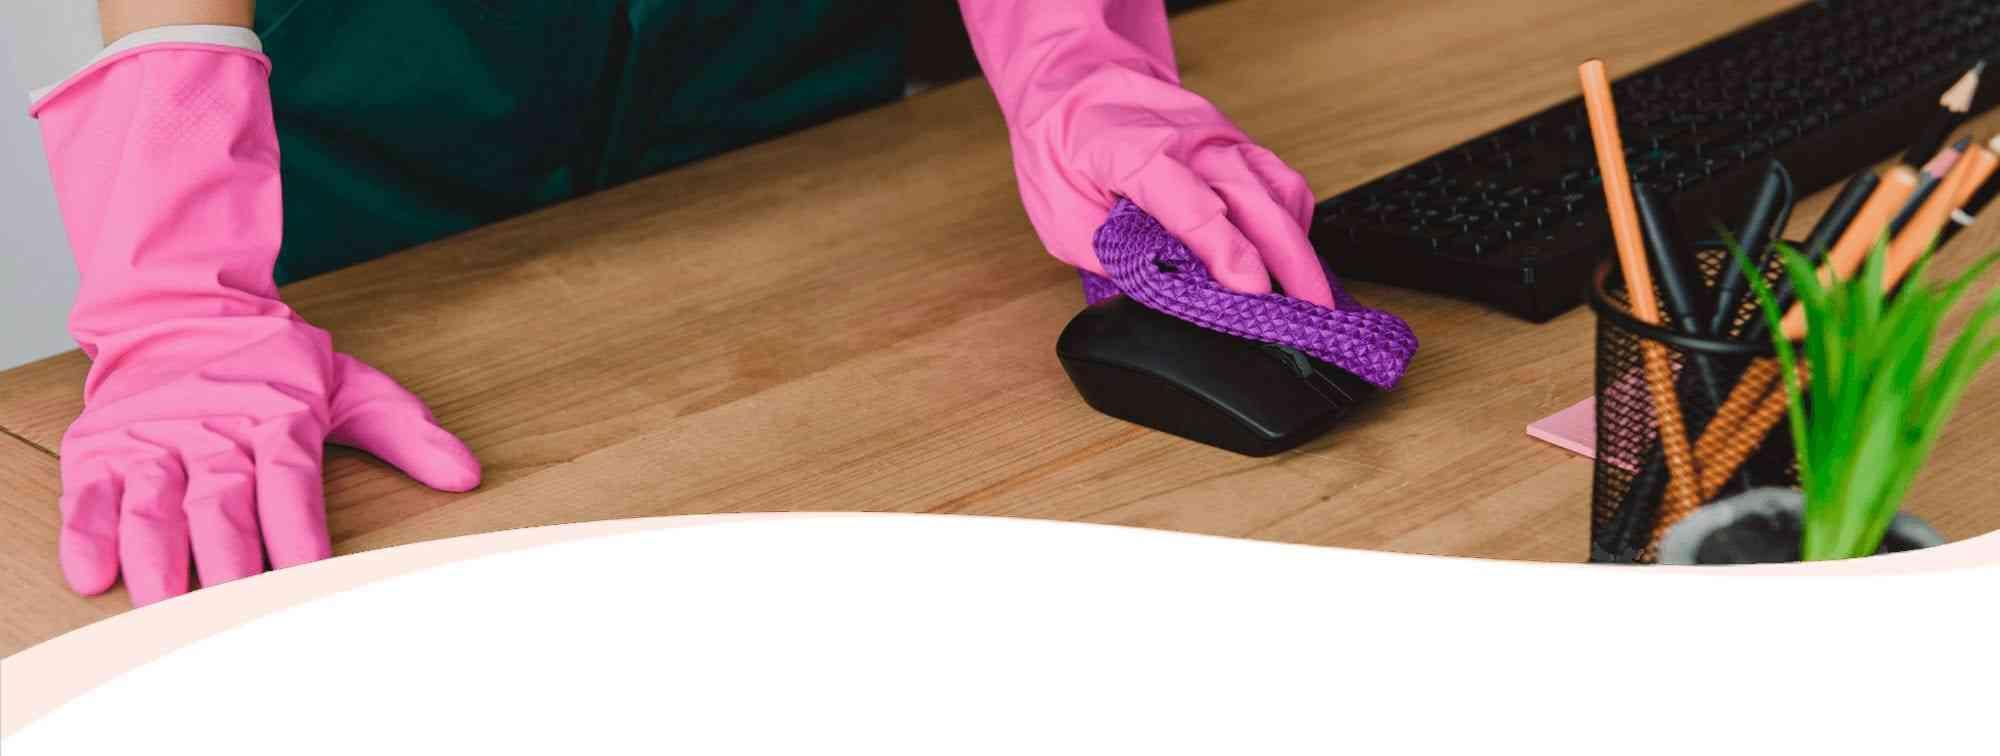 limpiando mouse